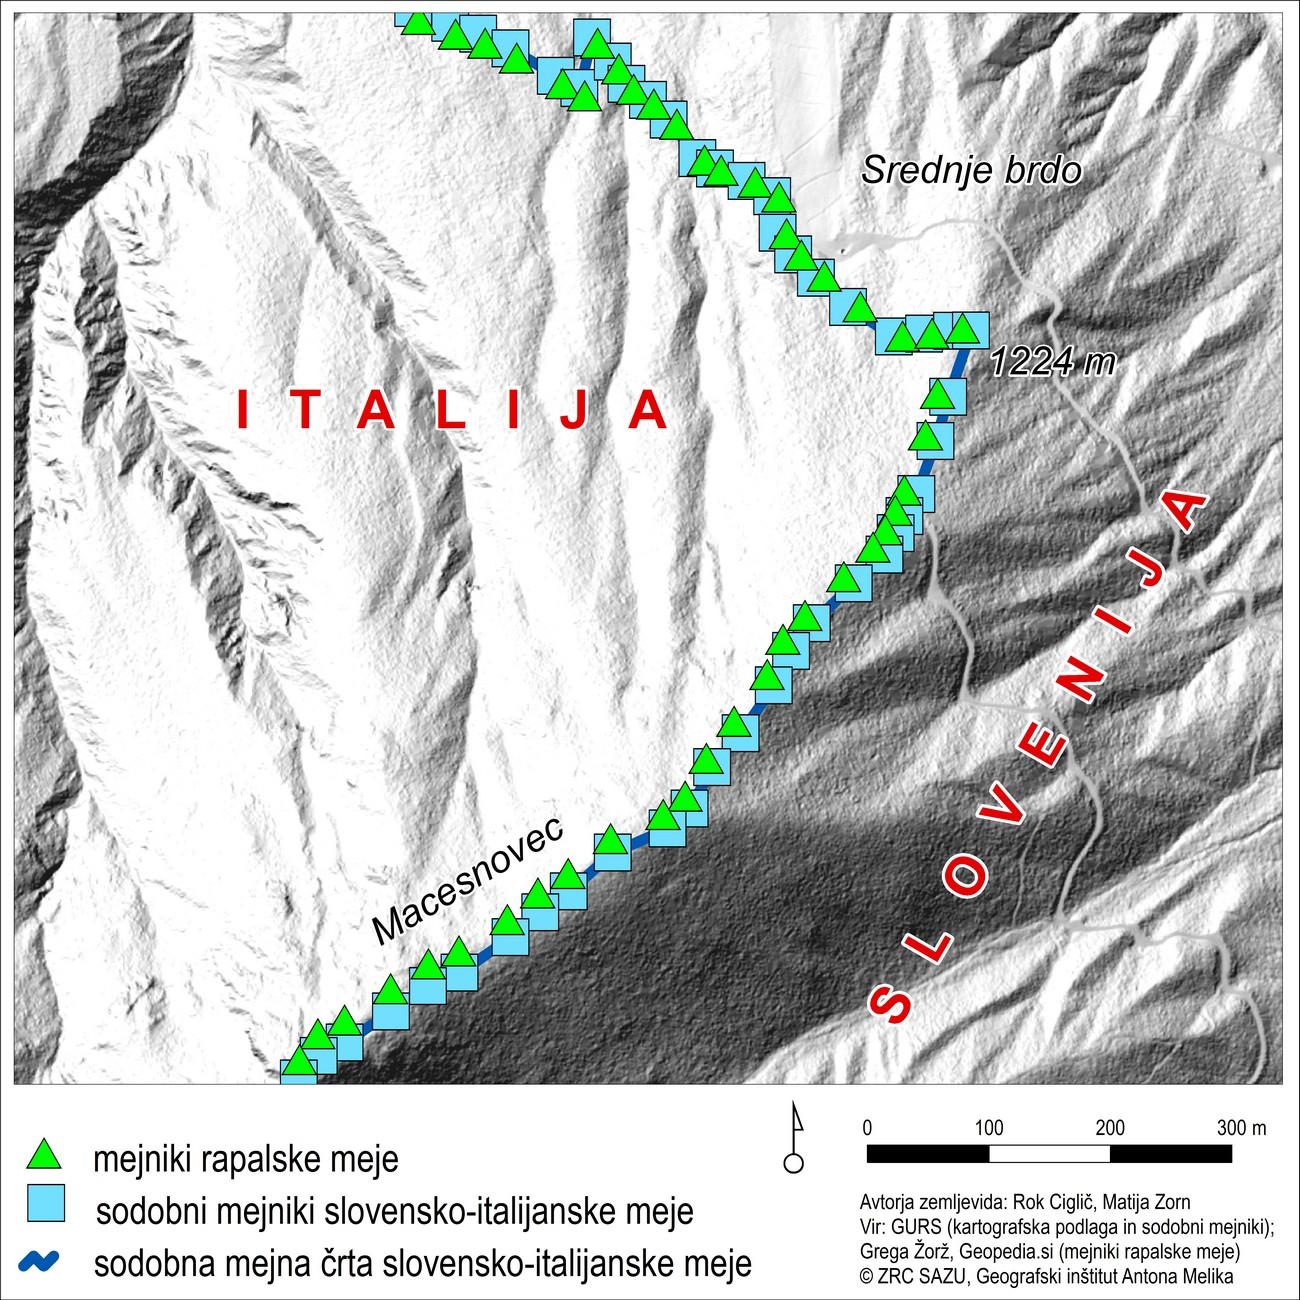 Na grebenu Ponc lokacije današnjih mejnikov sovpadajo z lokacijami mejnikov rapalske in okupacijske meje. Primer kaže območje Macesnovca.